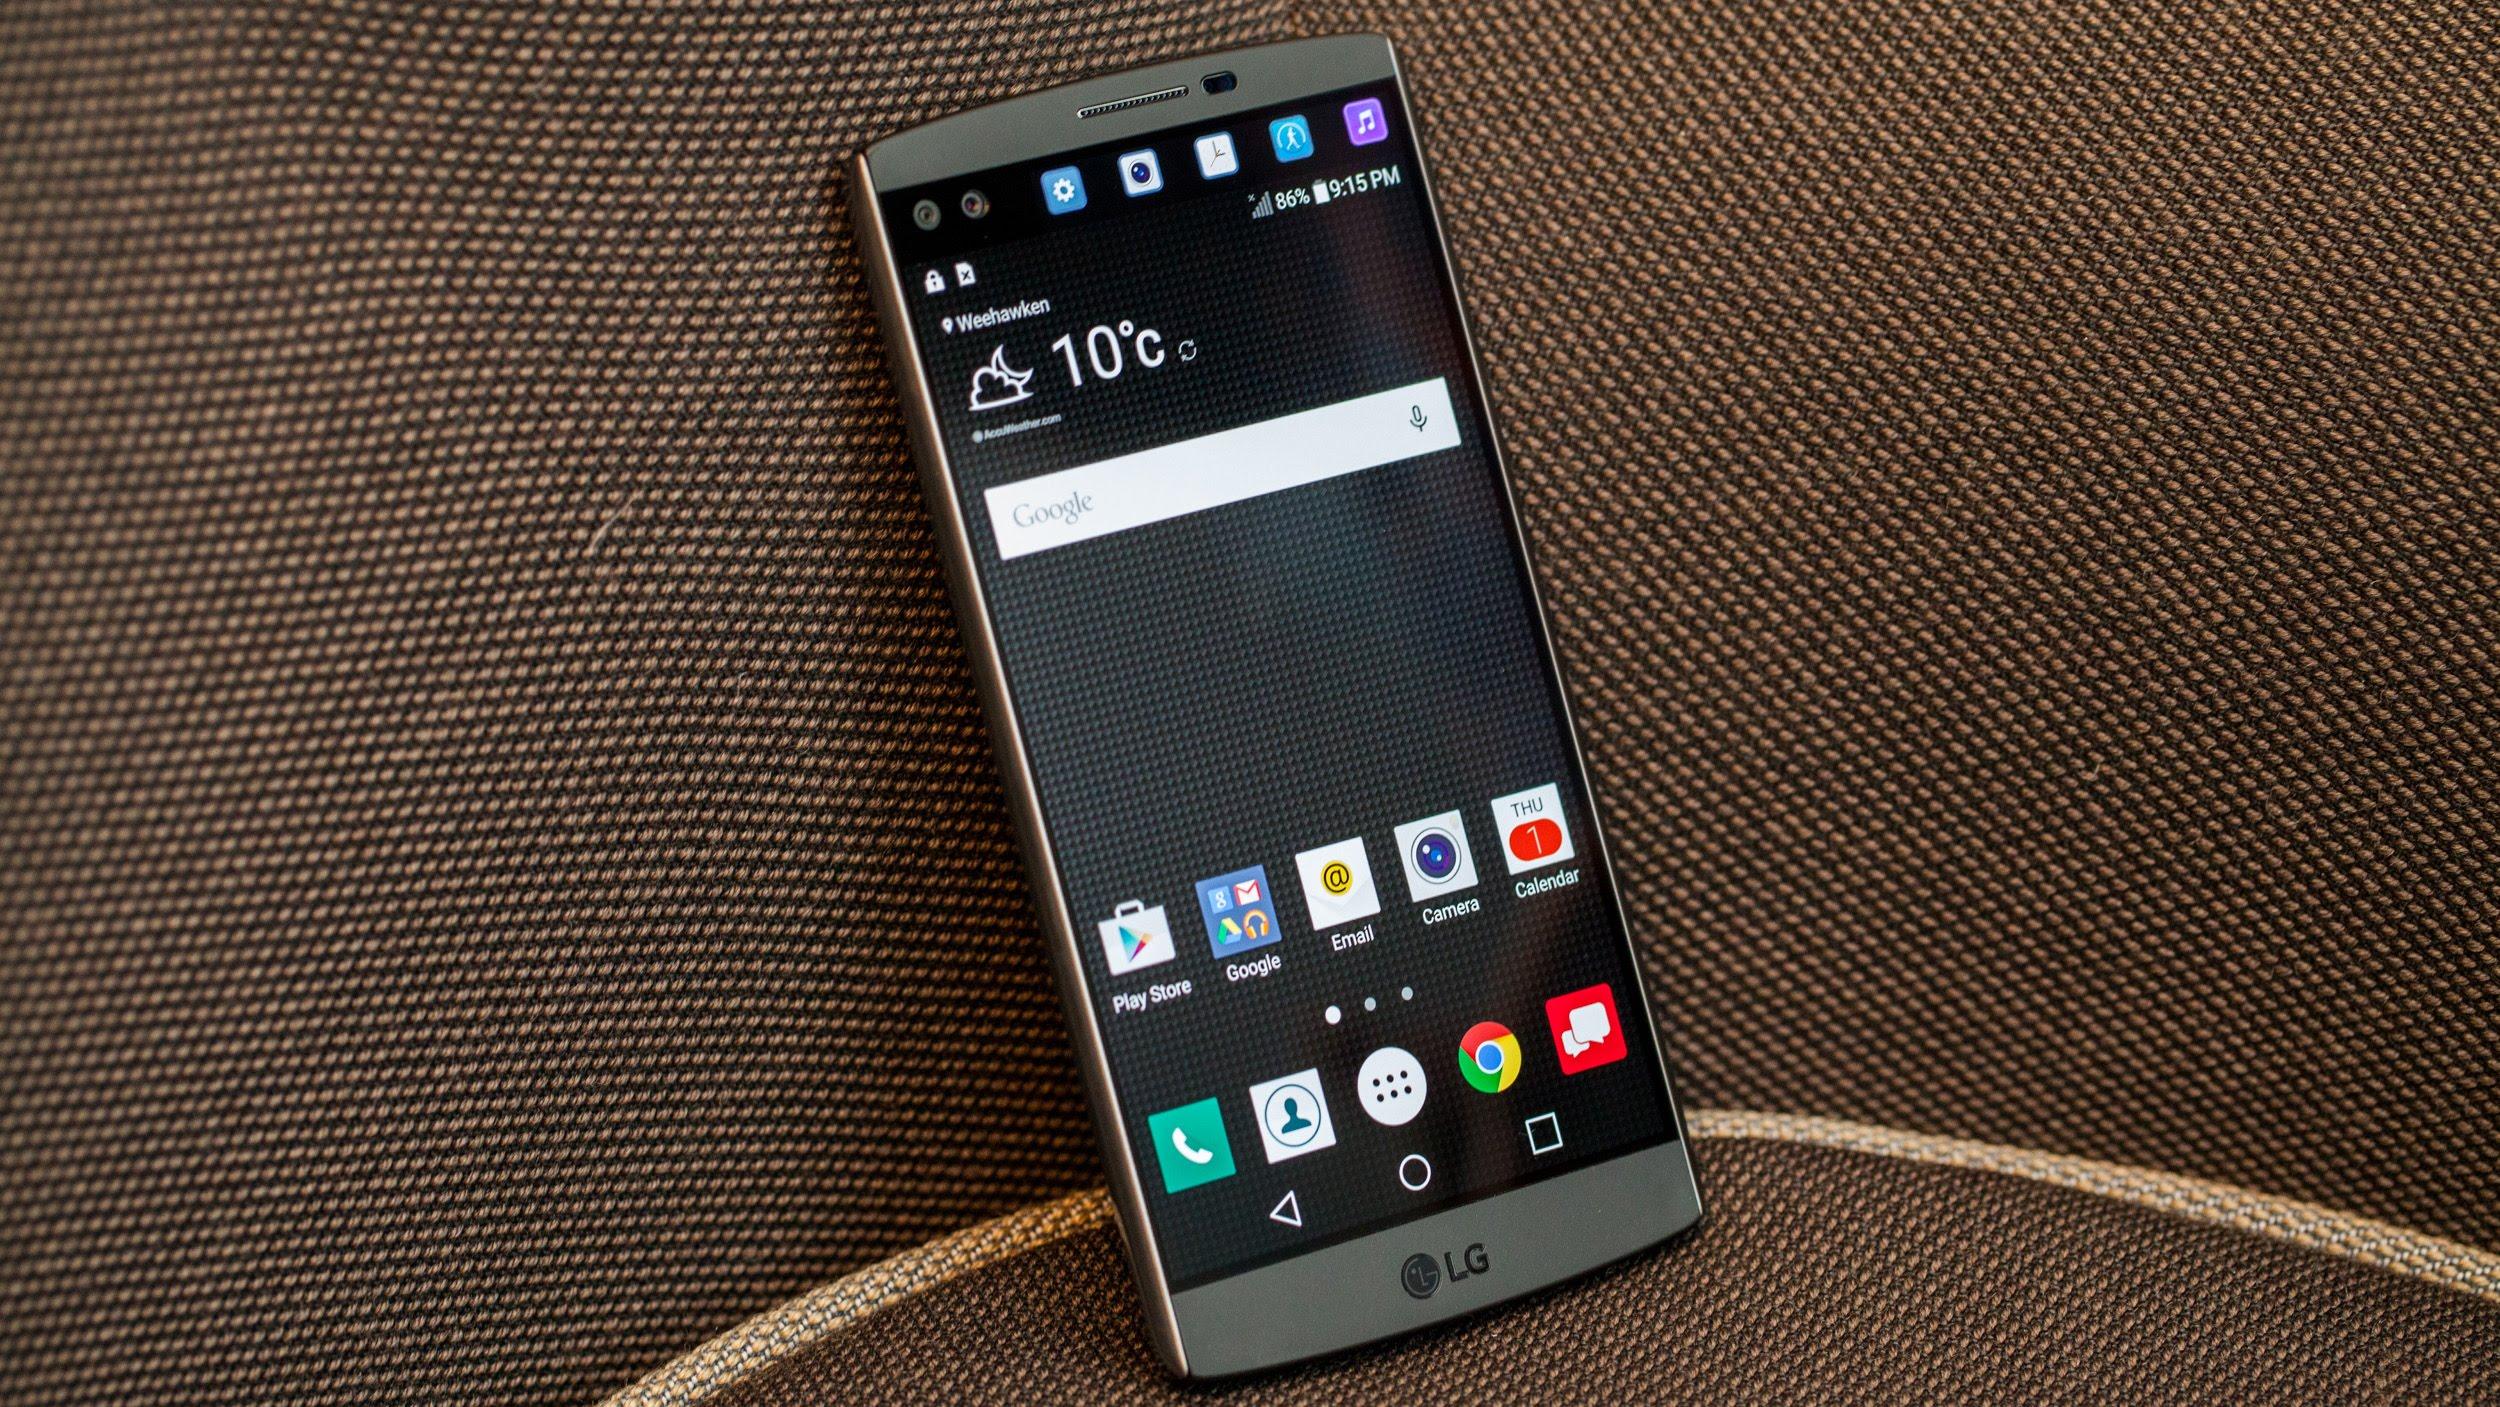 LG V10 Image